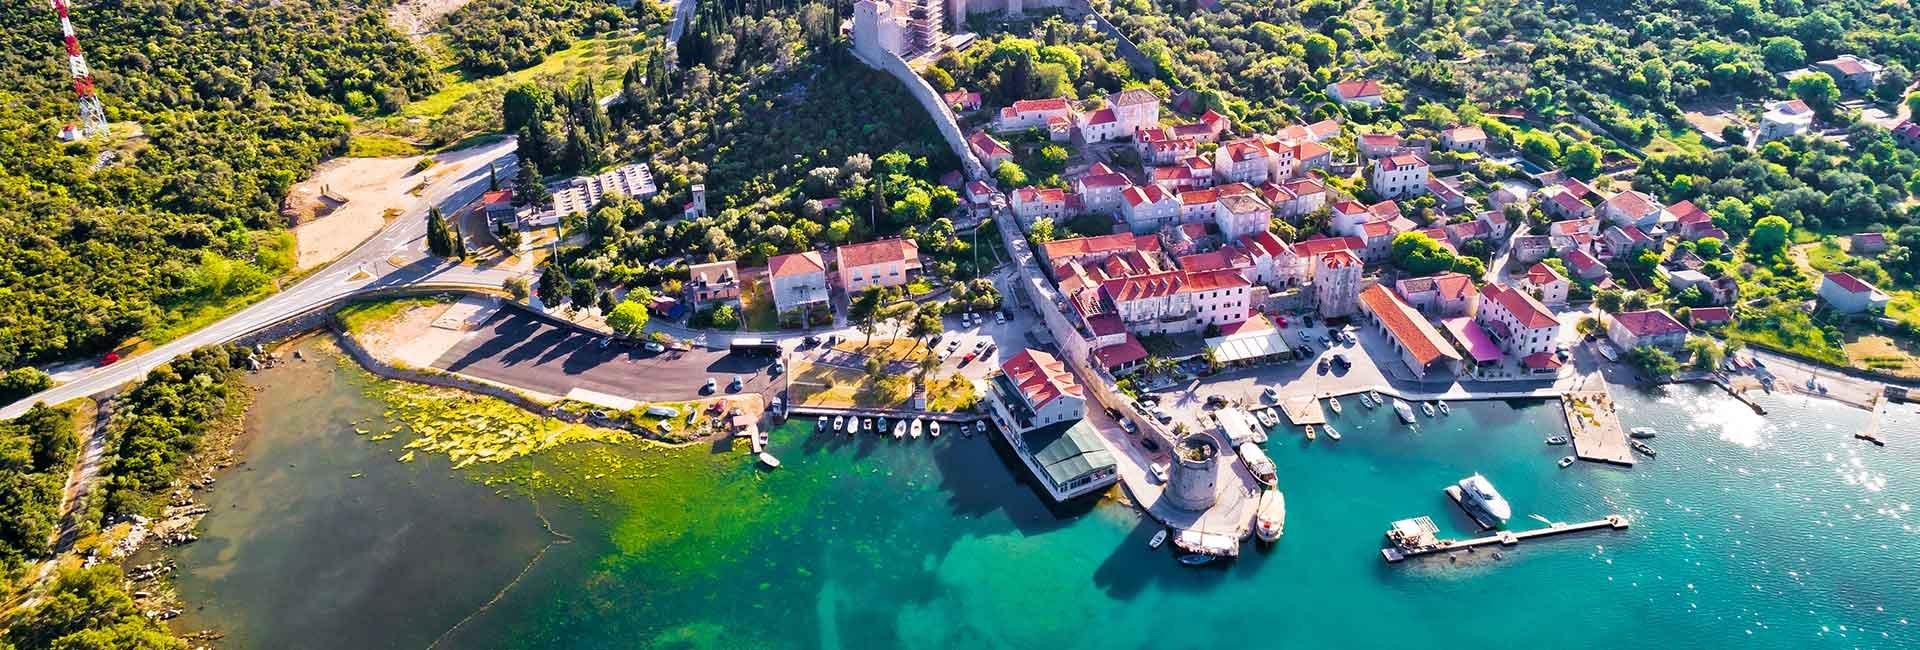 Adriatic sailing town